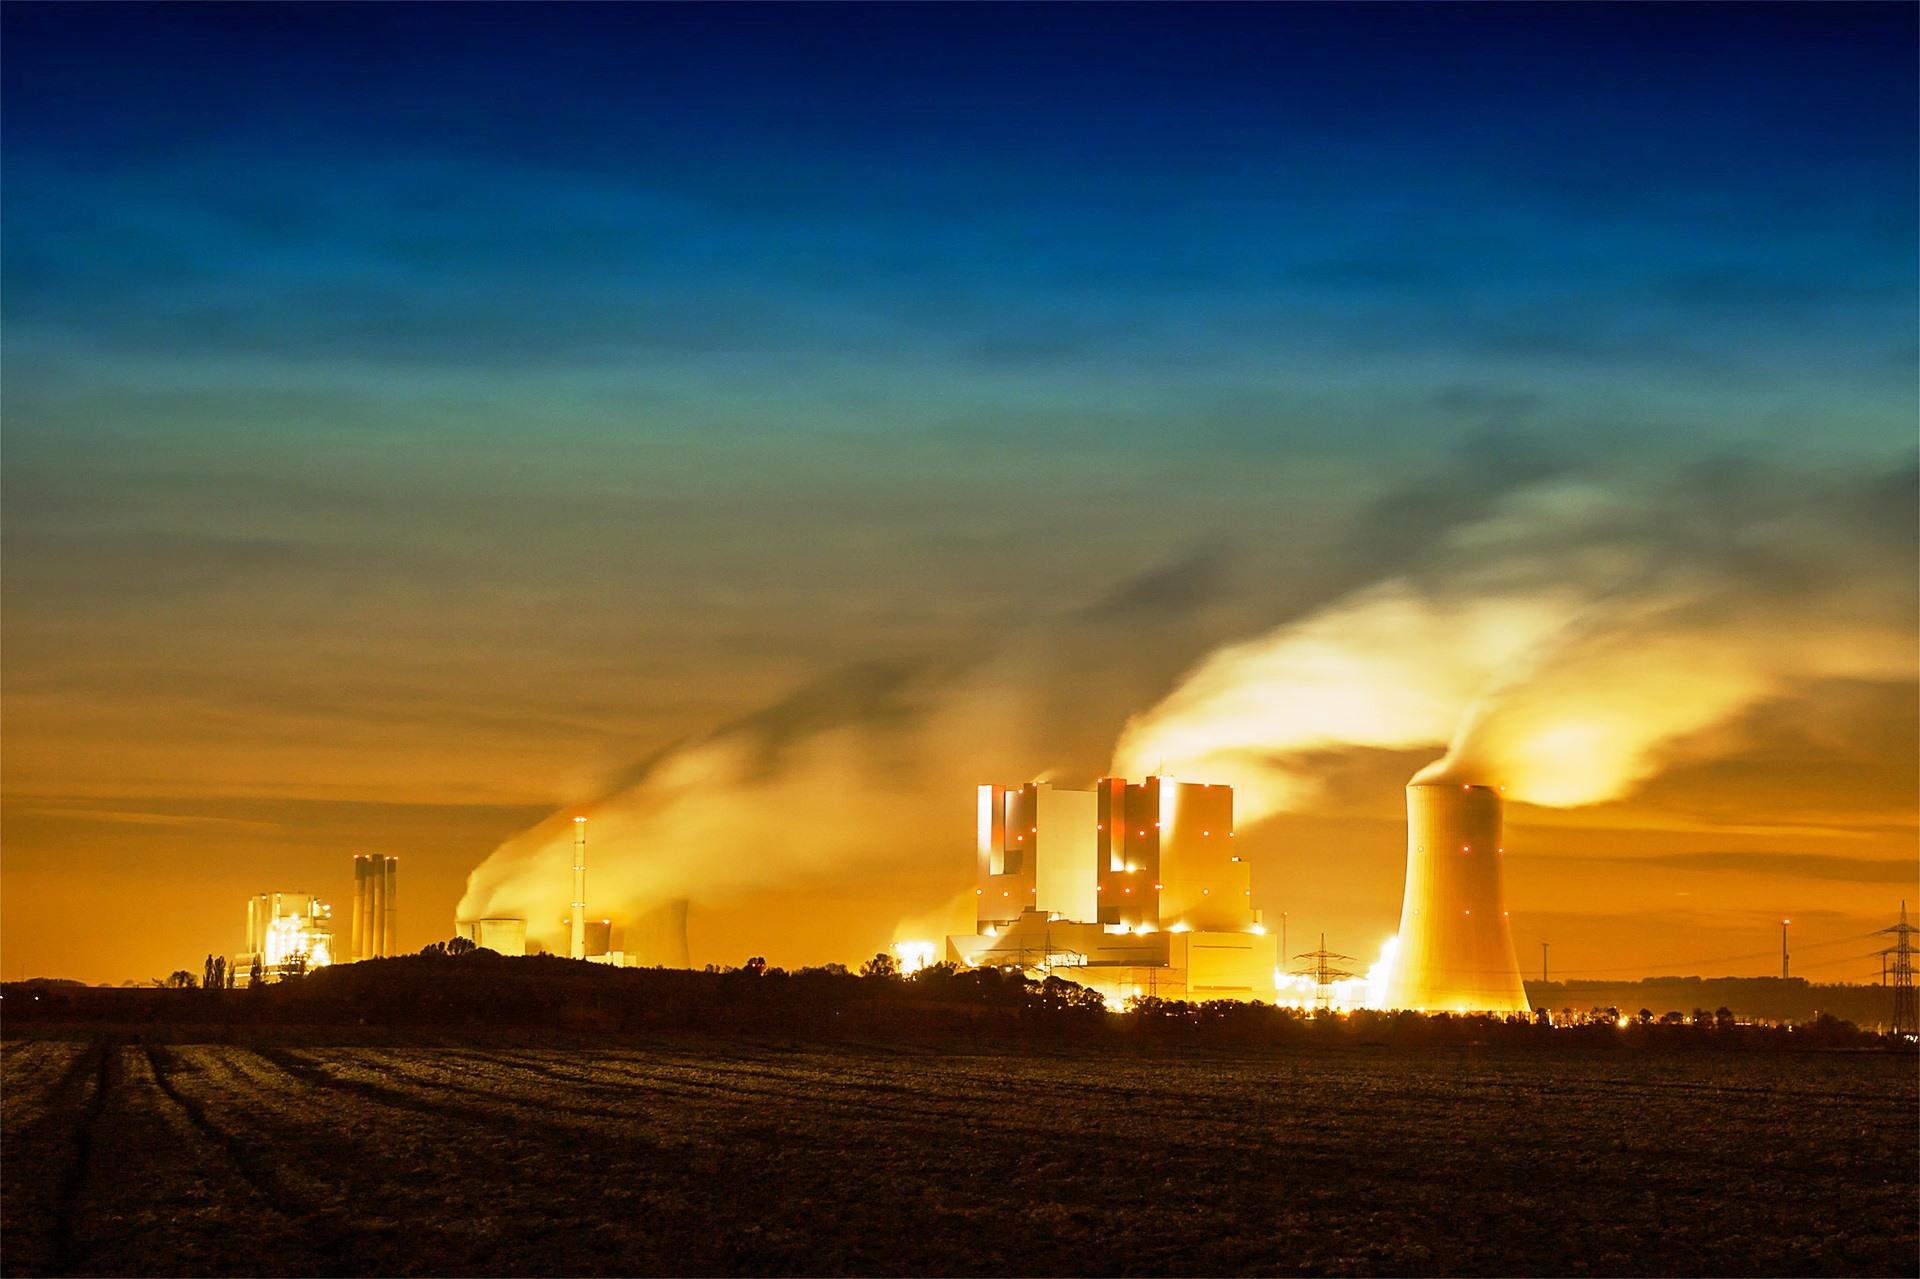 Fossile-Energie-Anabolika-f-r-die-wirtschaftliche-Entwicklung-